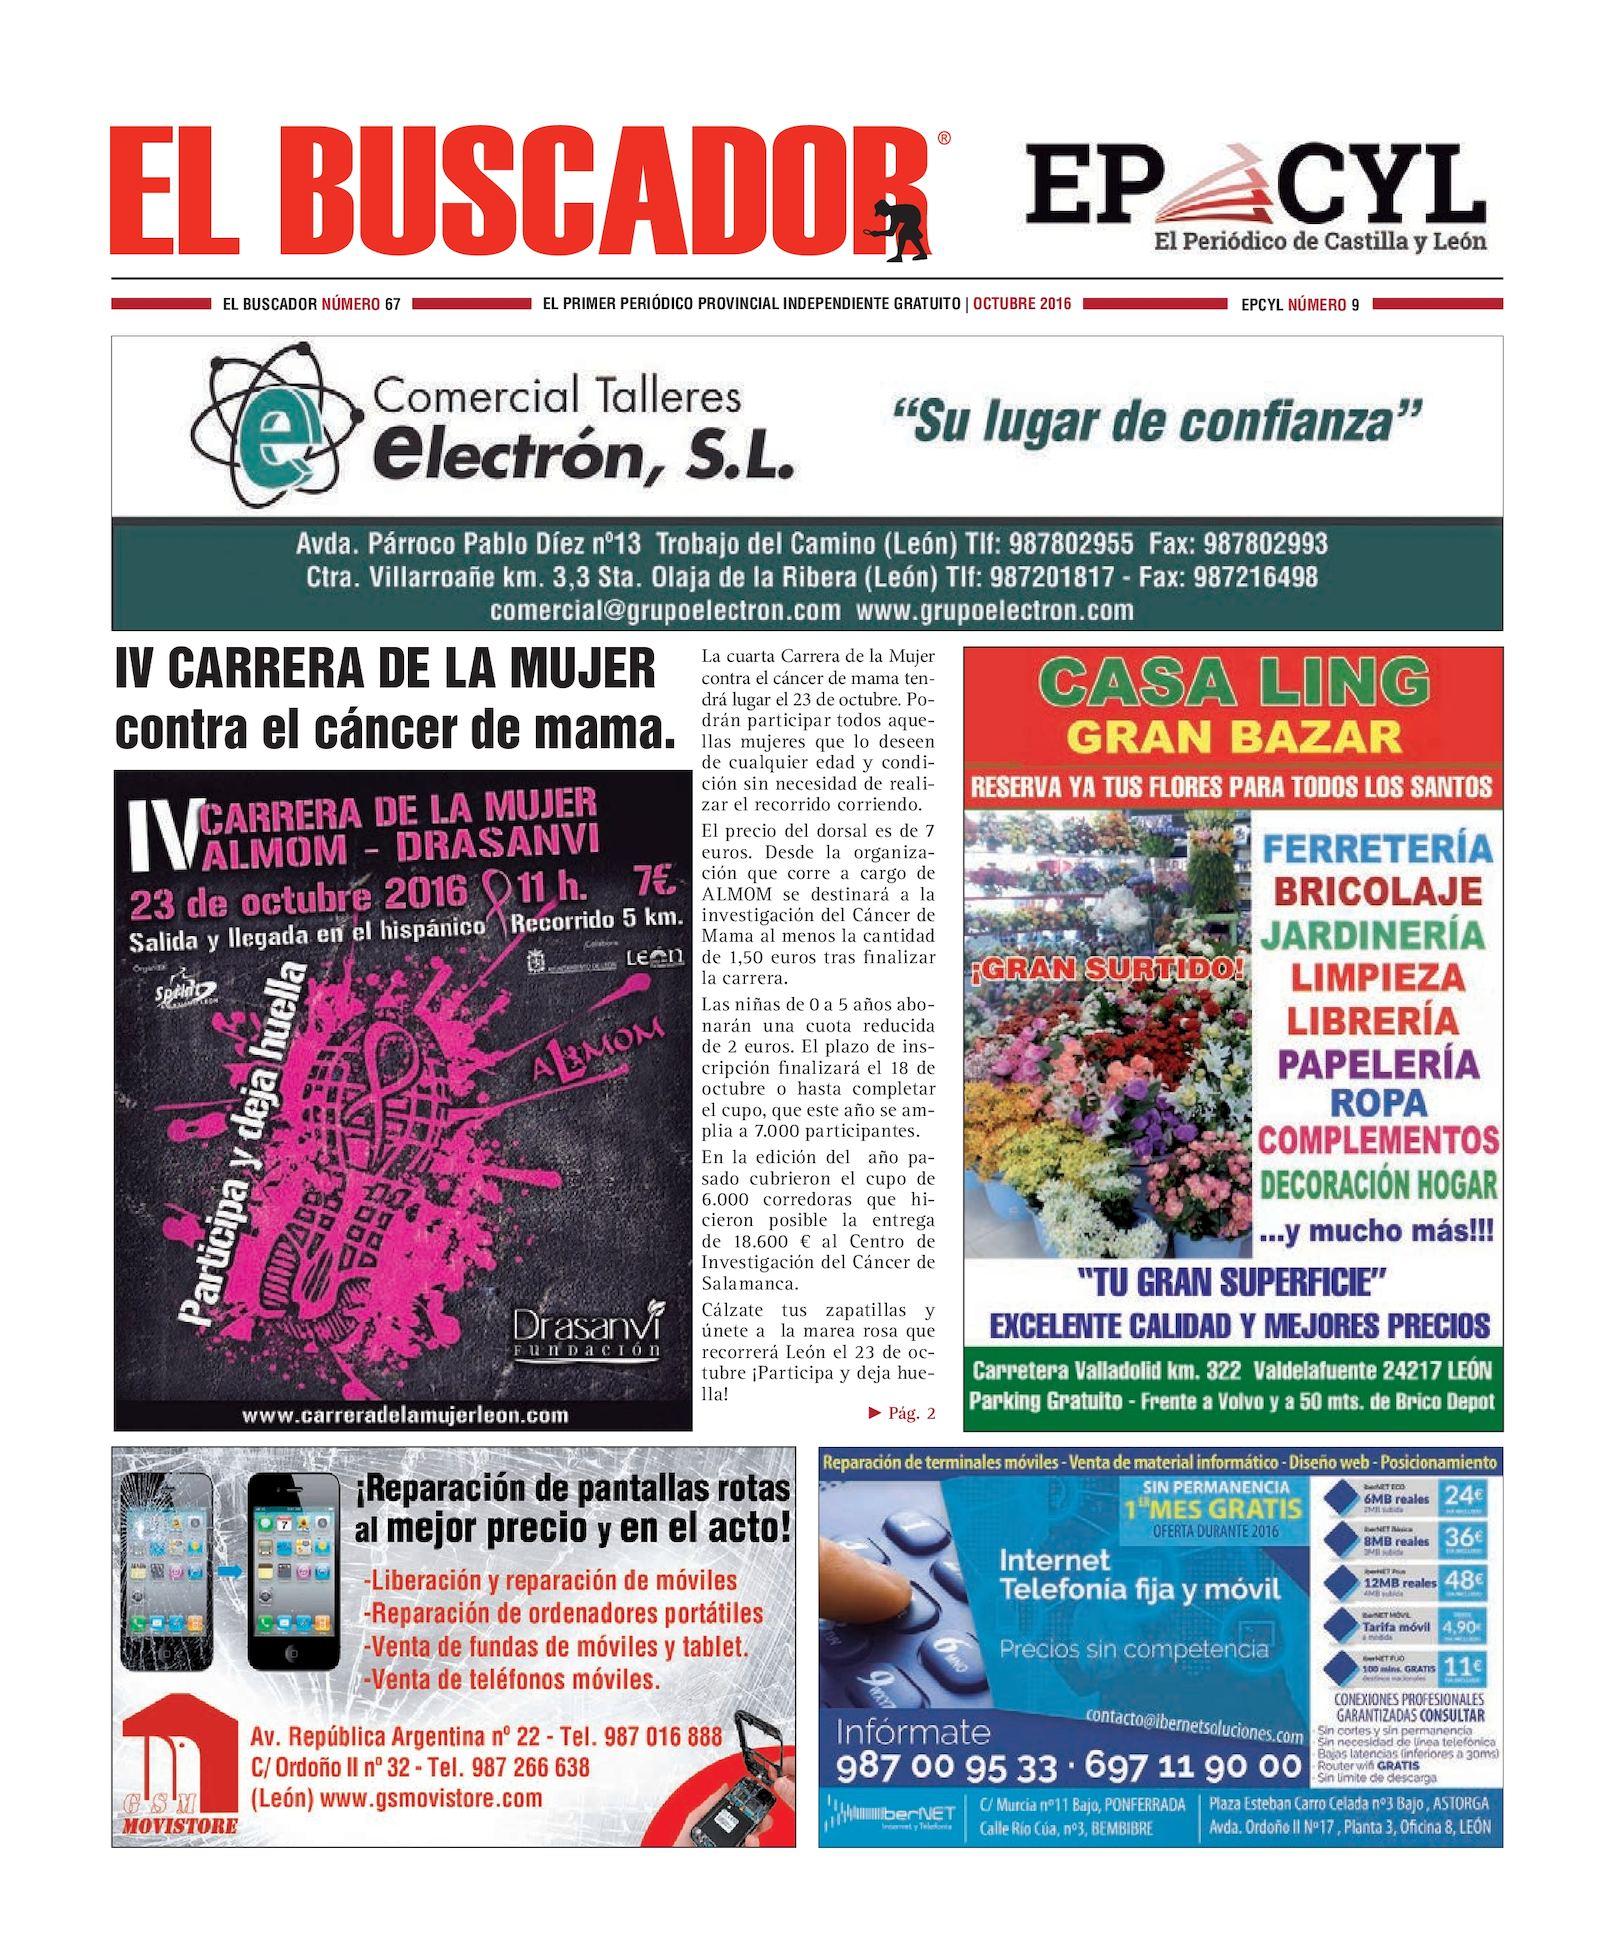 Calaméo - N9 - El Buscador - EPCYL eb9d9101290